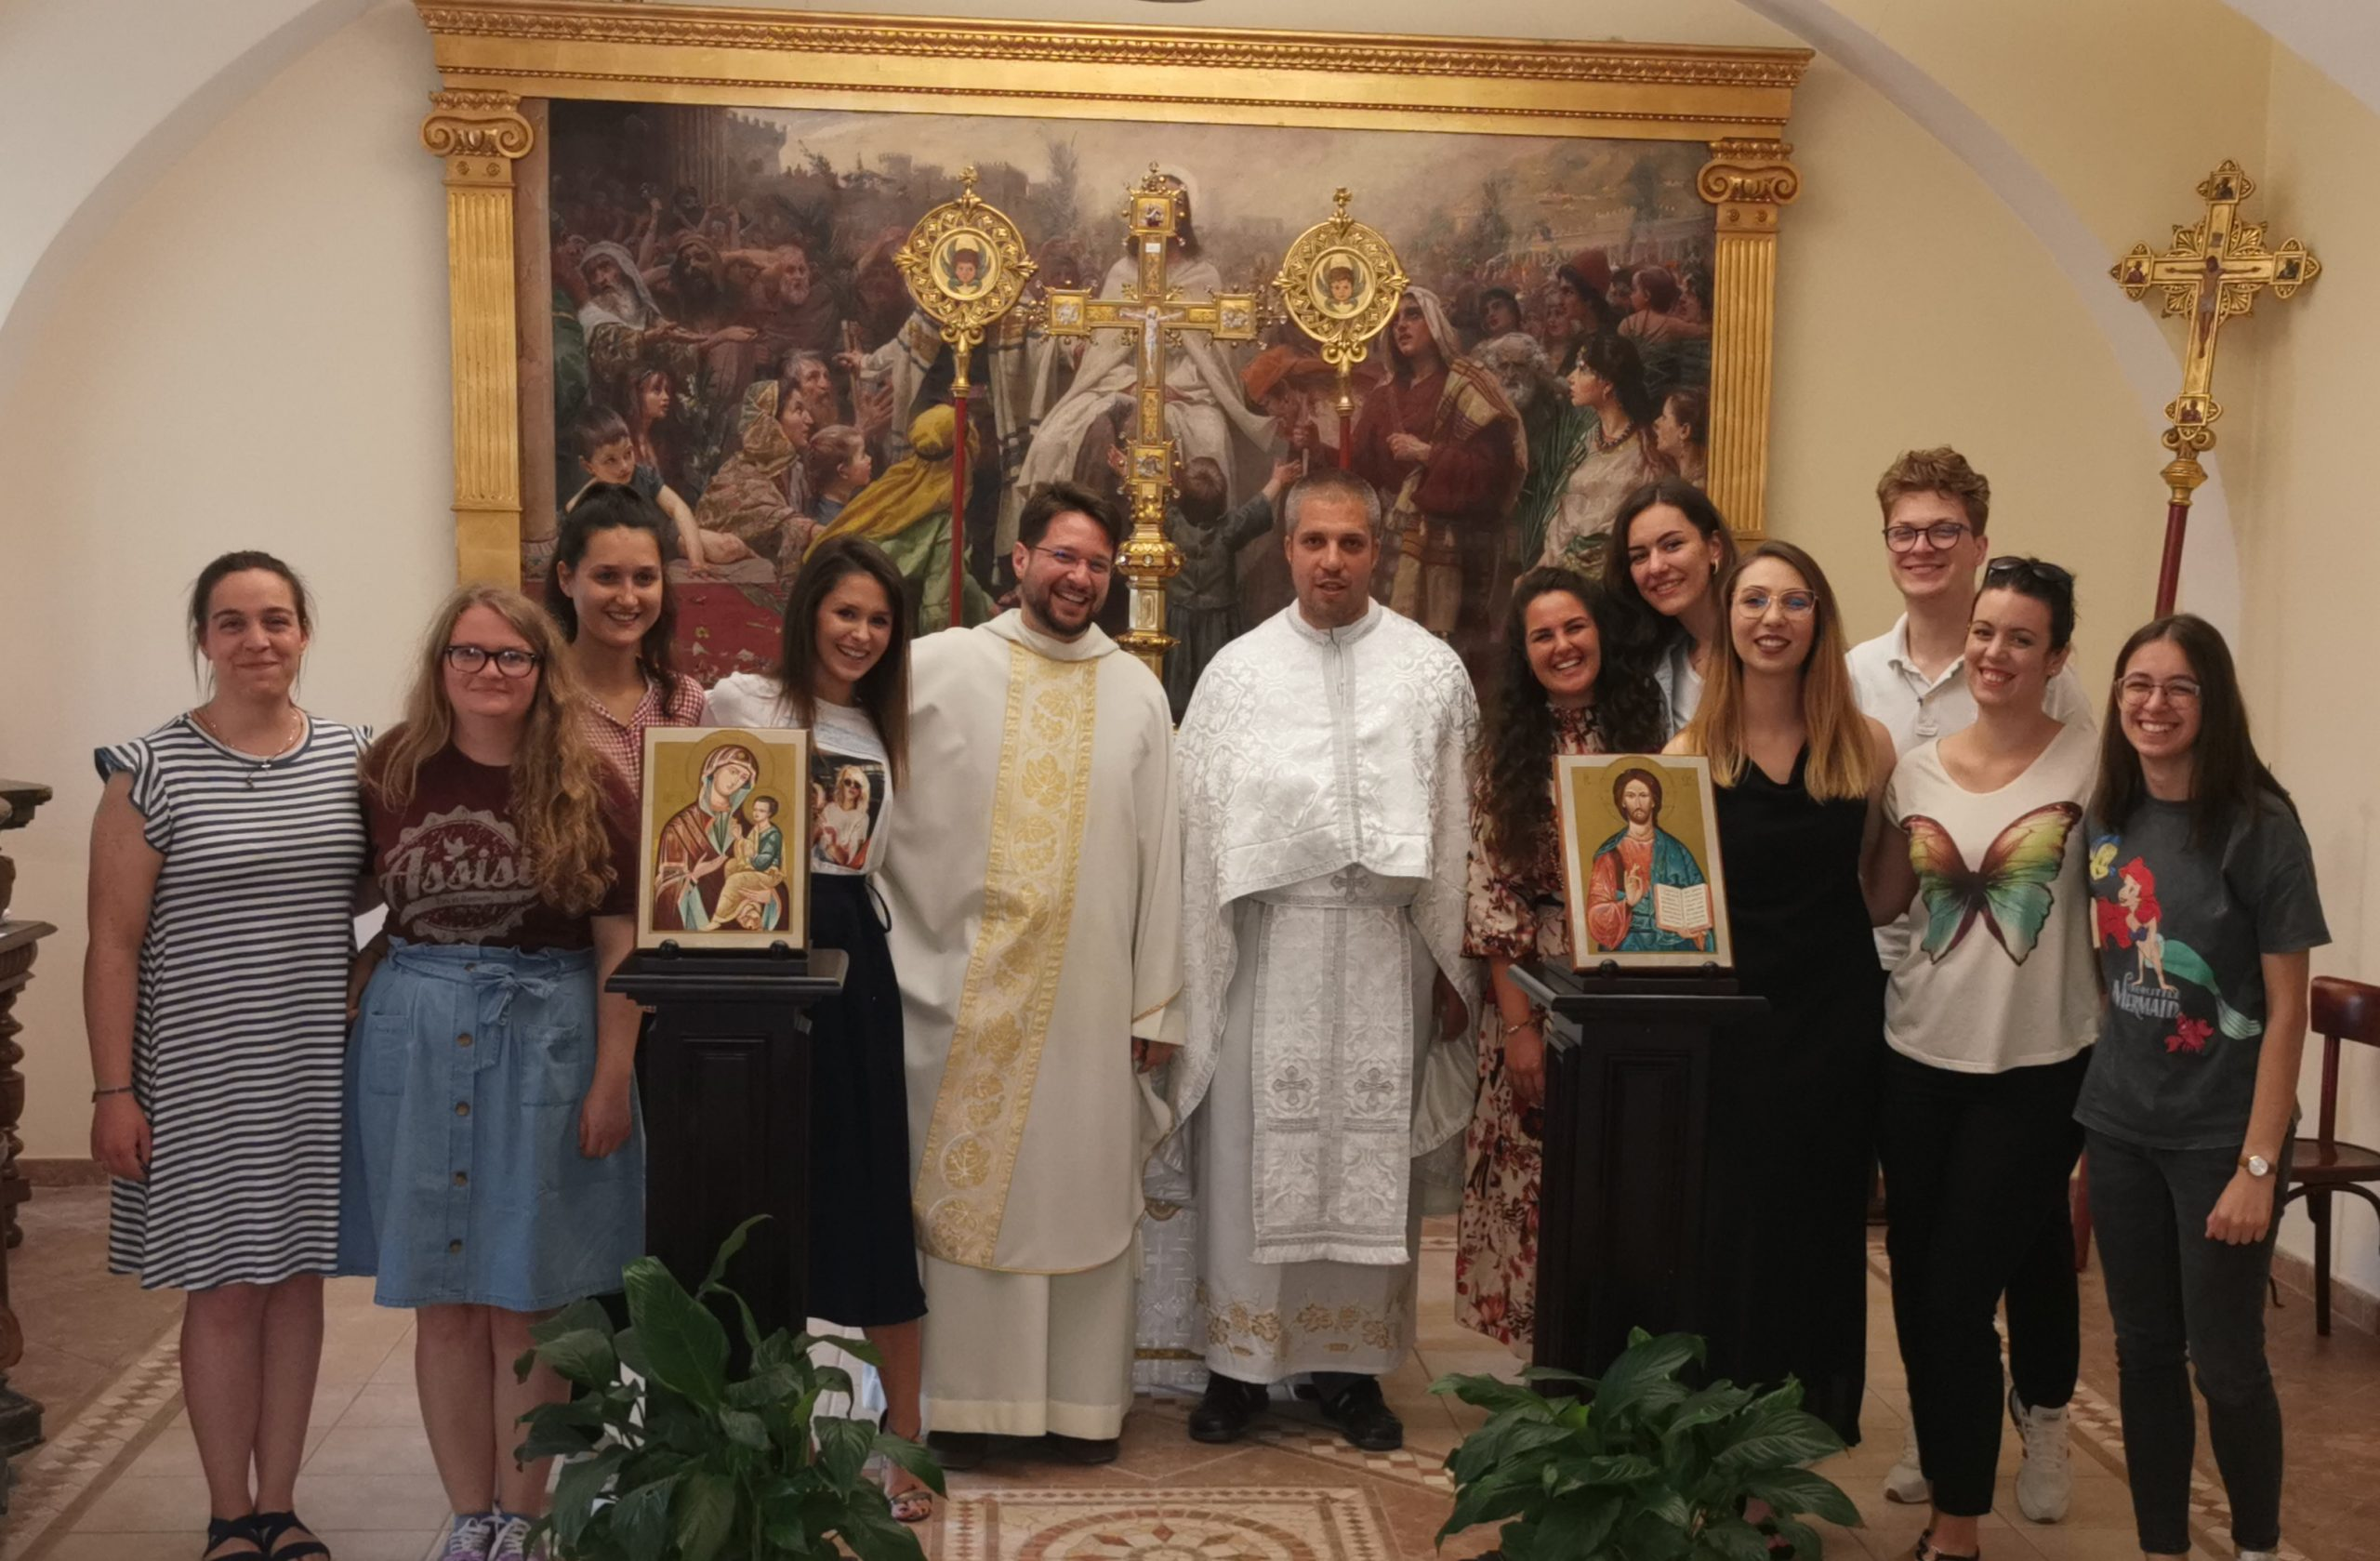 Franjevci s Kaptola mogu računati na prostore u Grkokatoličkom sjemeništu